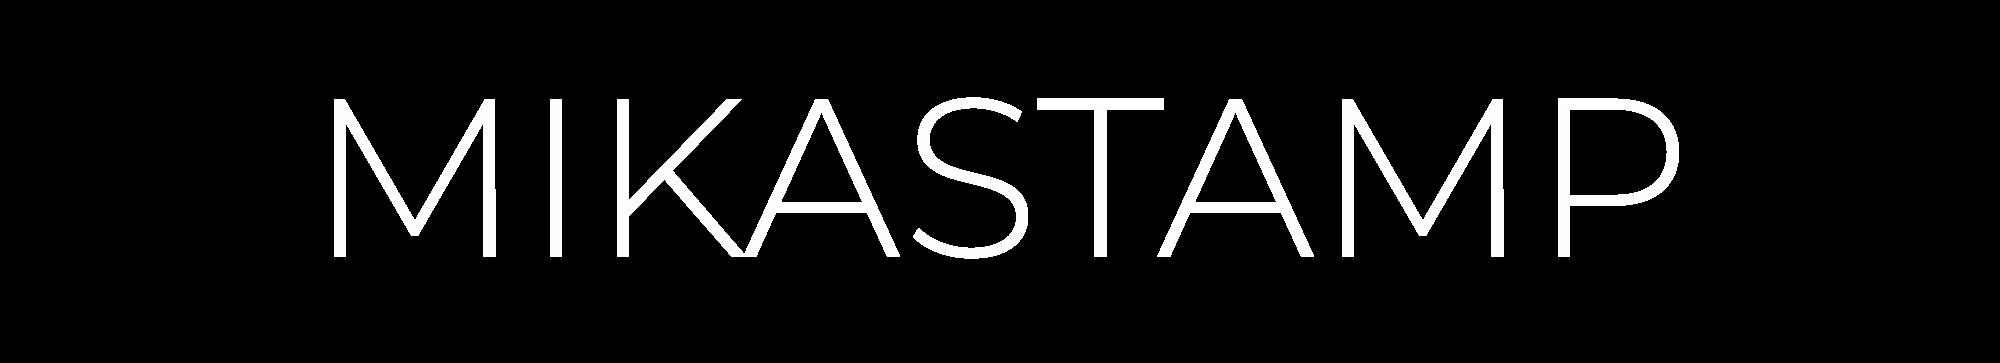 Mikastamp